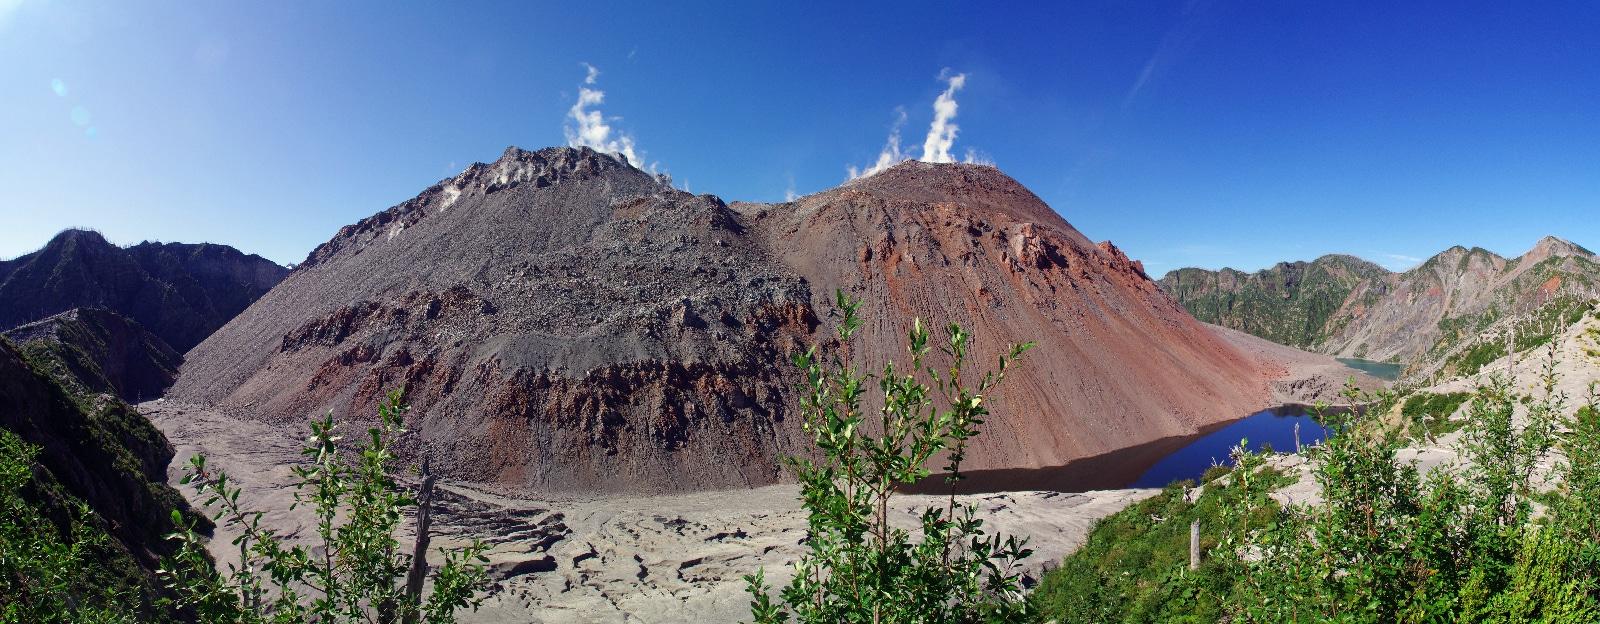 Volcan Chaitèn, les deux dômes de lave dans la caldeira.